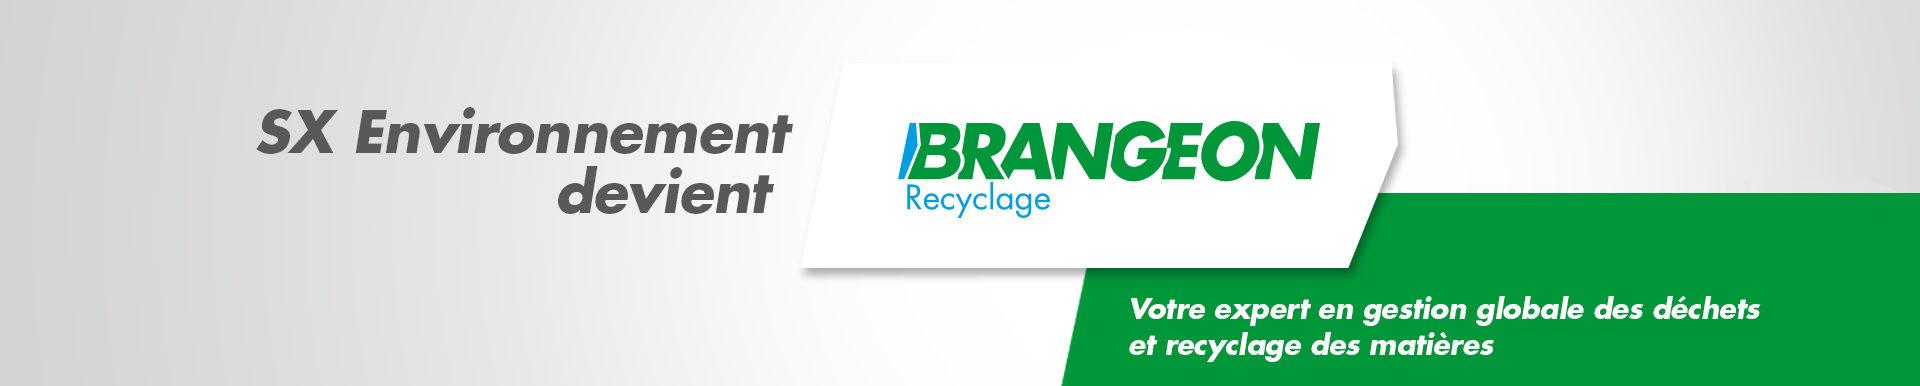 SX Environnement devient Brangeon Recyclage